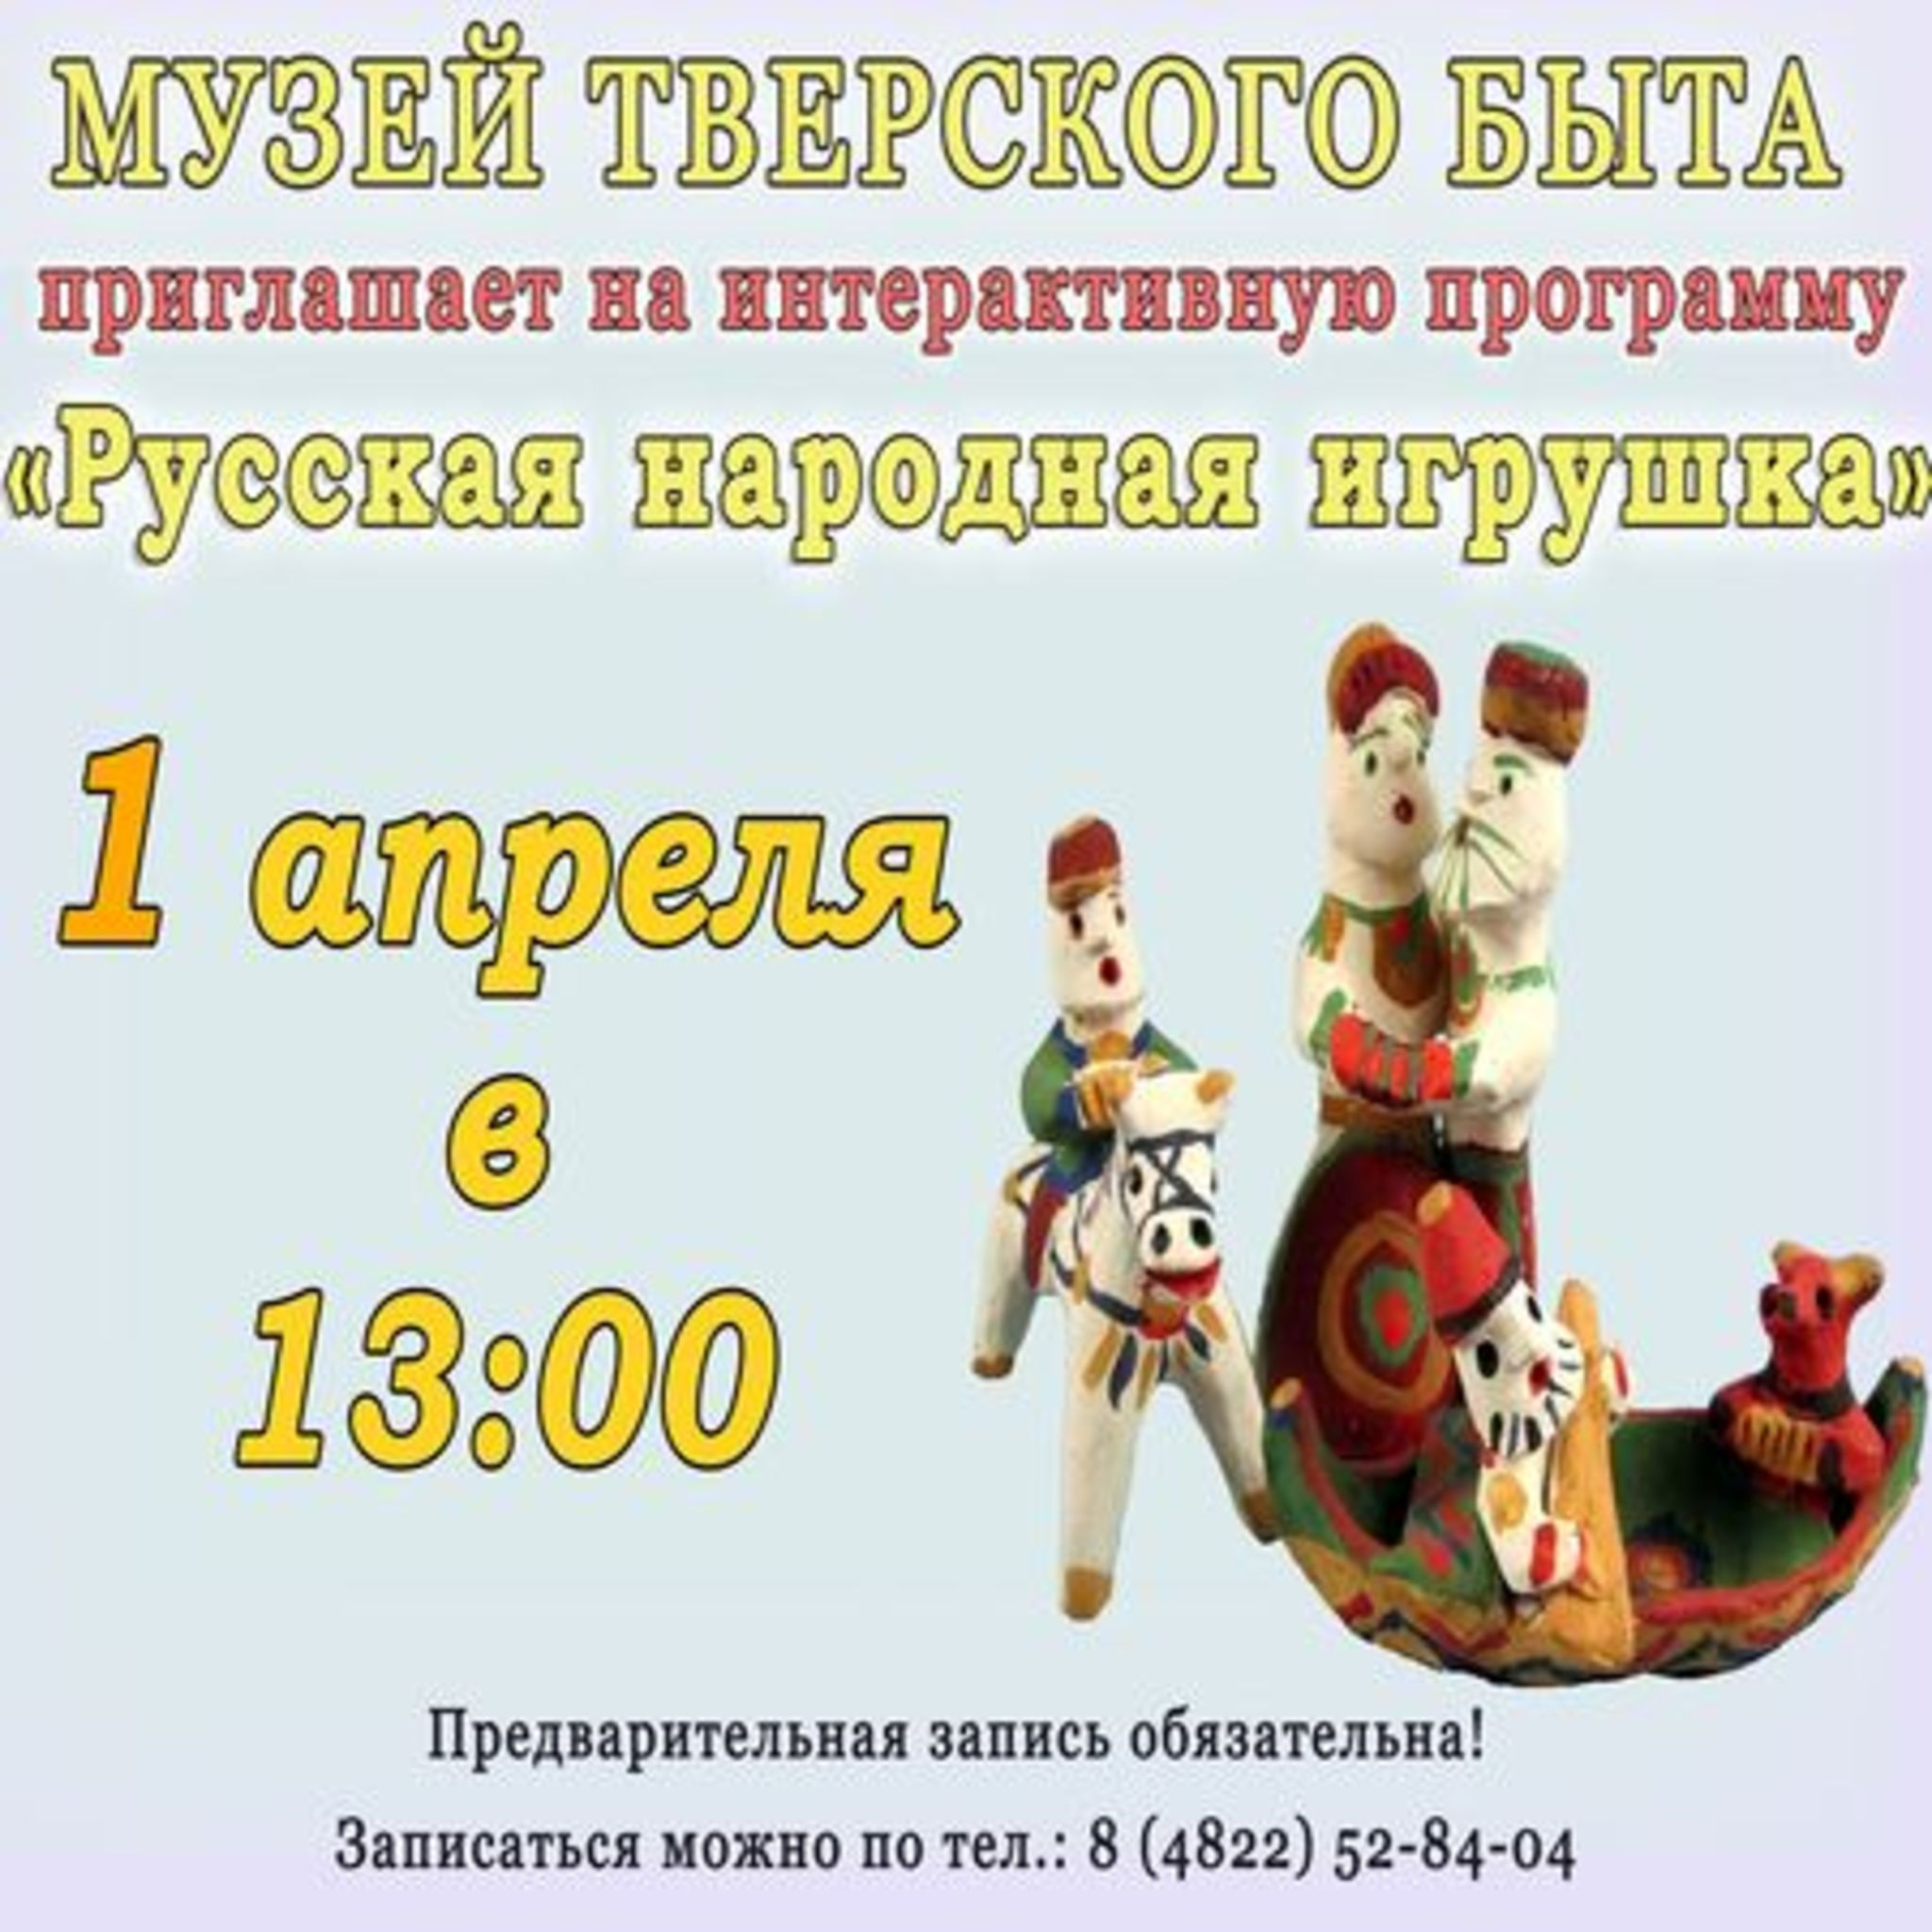 Интерактивное занятие «Русская народная игрушка»